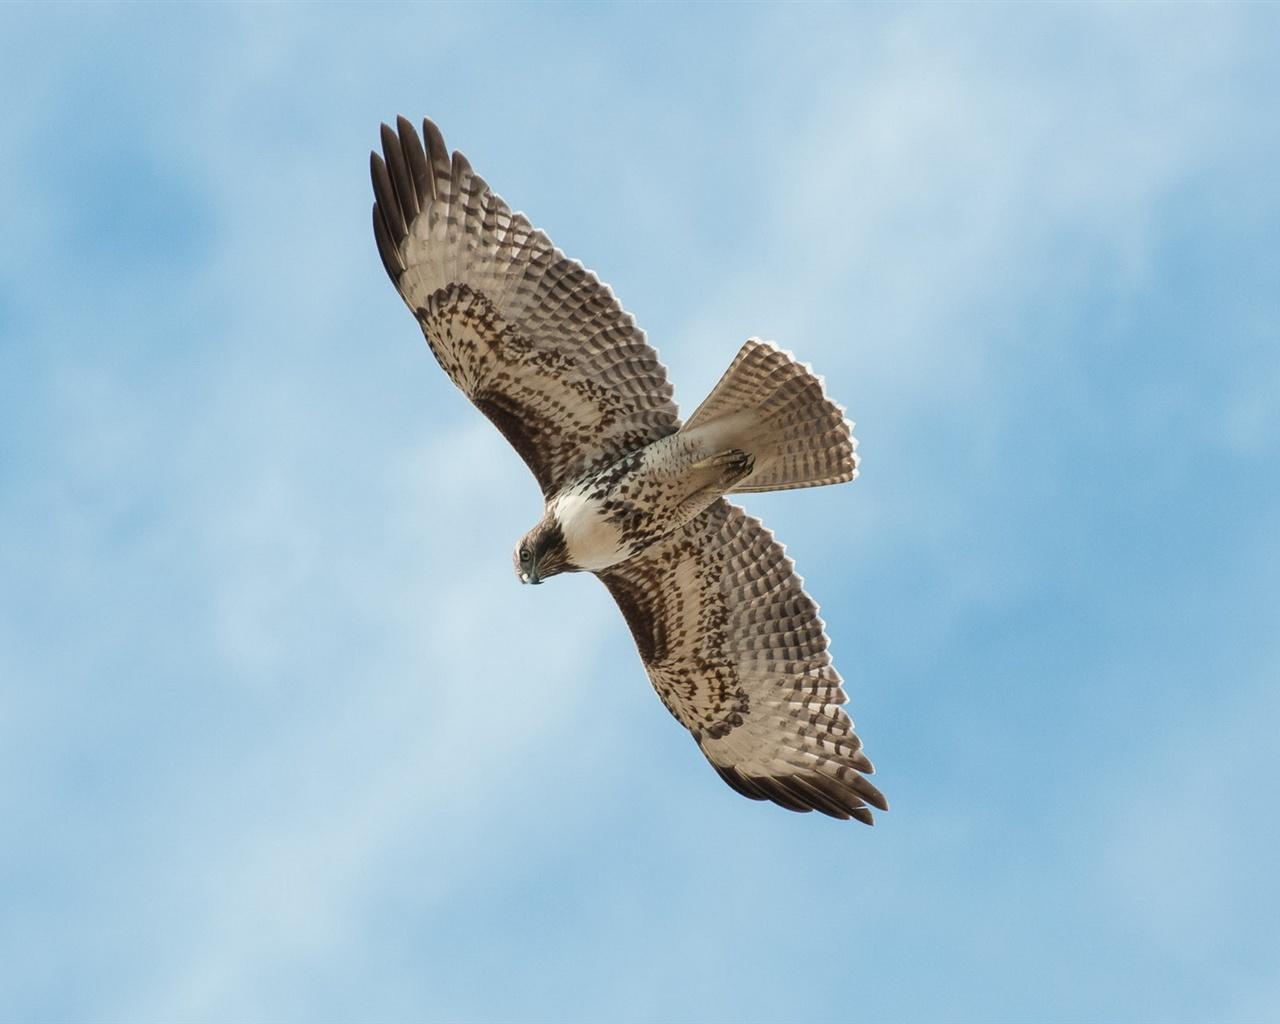 Fonds d 39 cran un oiseau qui vole dans le ciel bleu 1920x1200 hd image - Jeux d oiseau qui vole ...